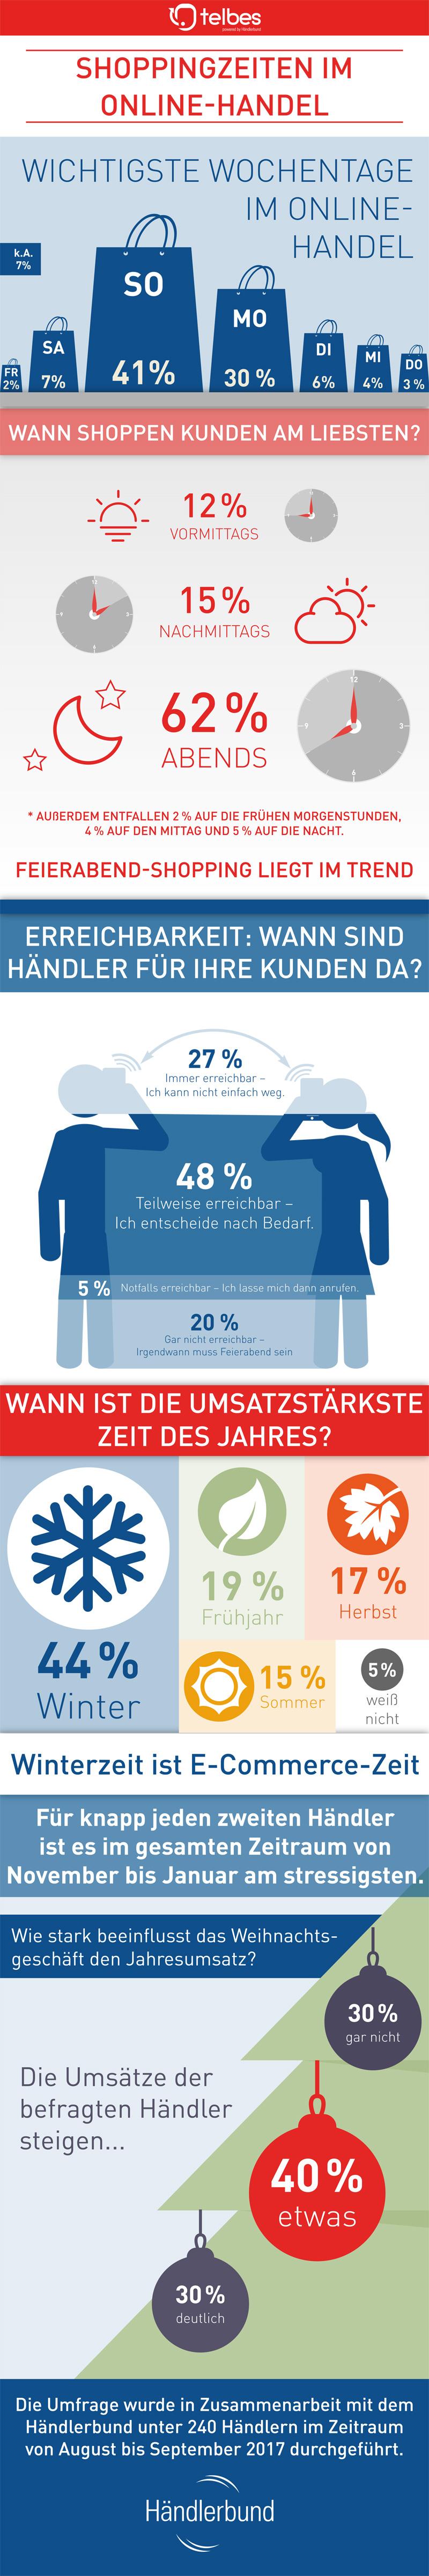 Infografik Onlineshopping Zeiten (Bild: Händlerbund)